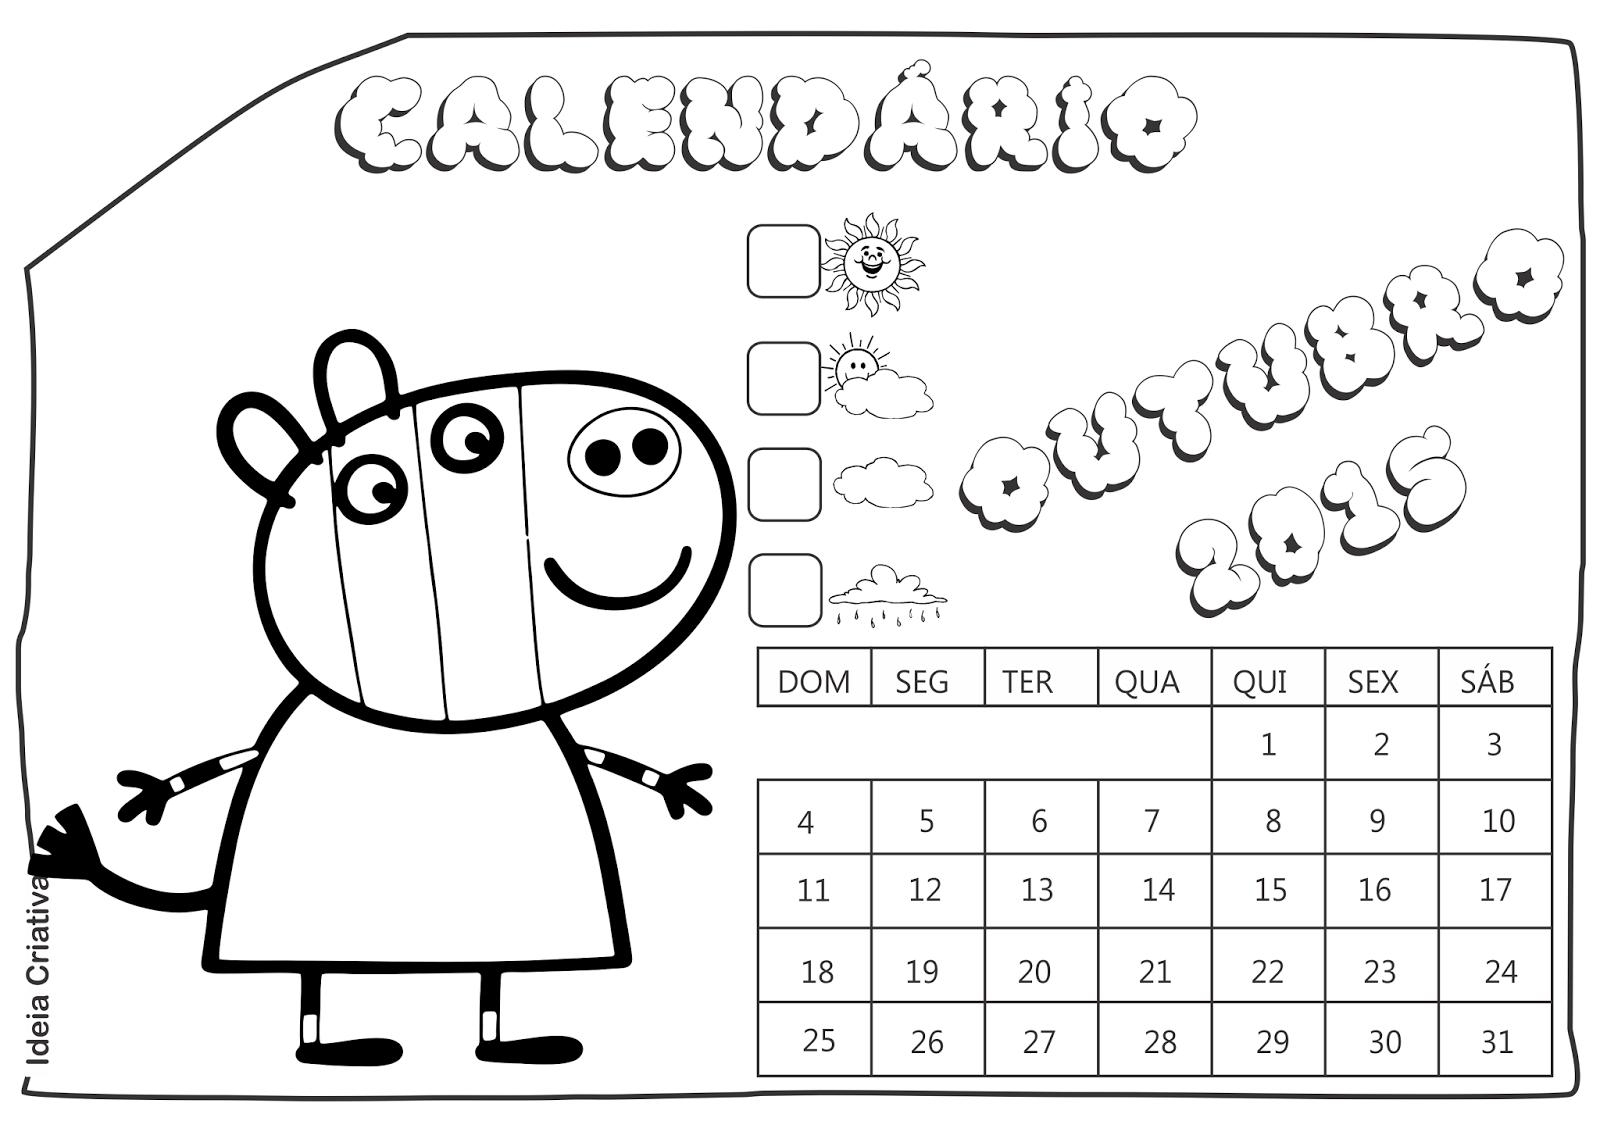 Calendário Outubro 2015 Peppa Pig e Seus Amigos para Imprimir Grátis